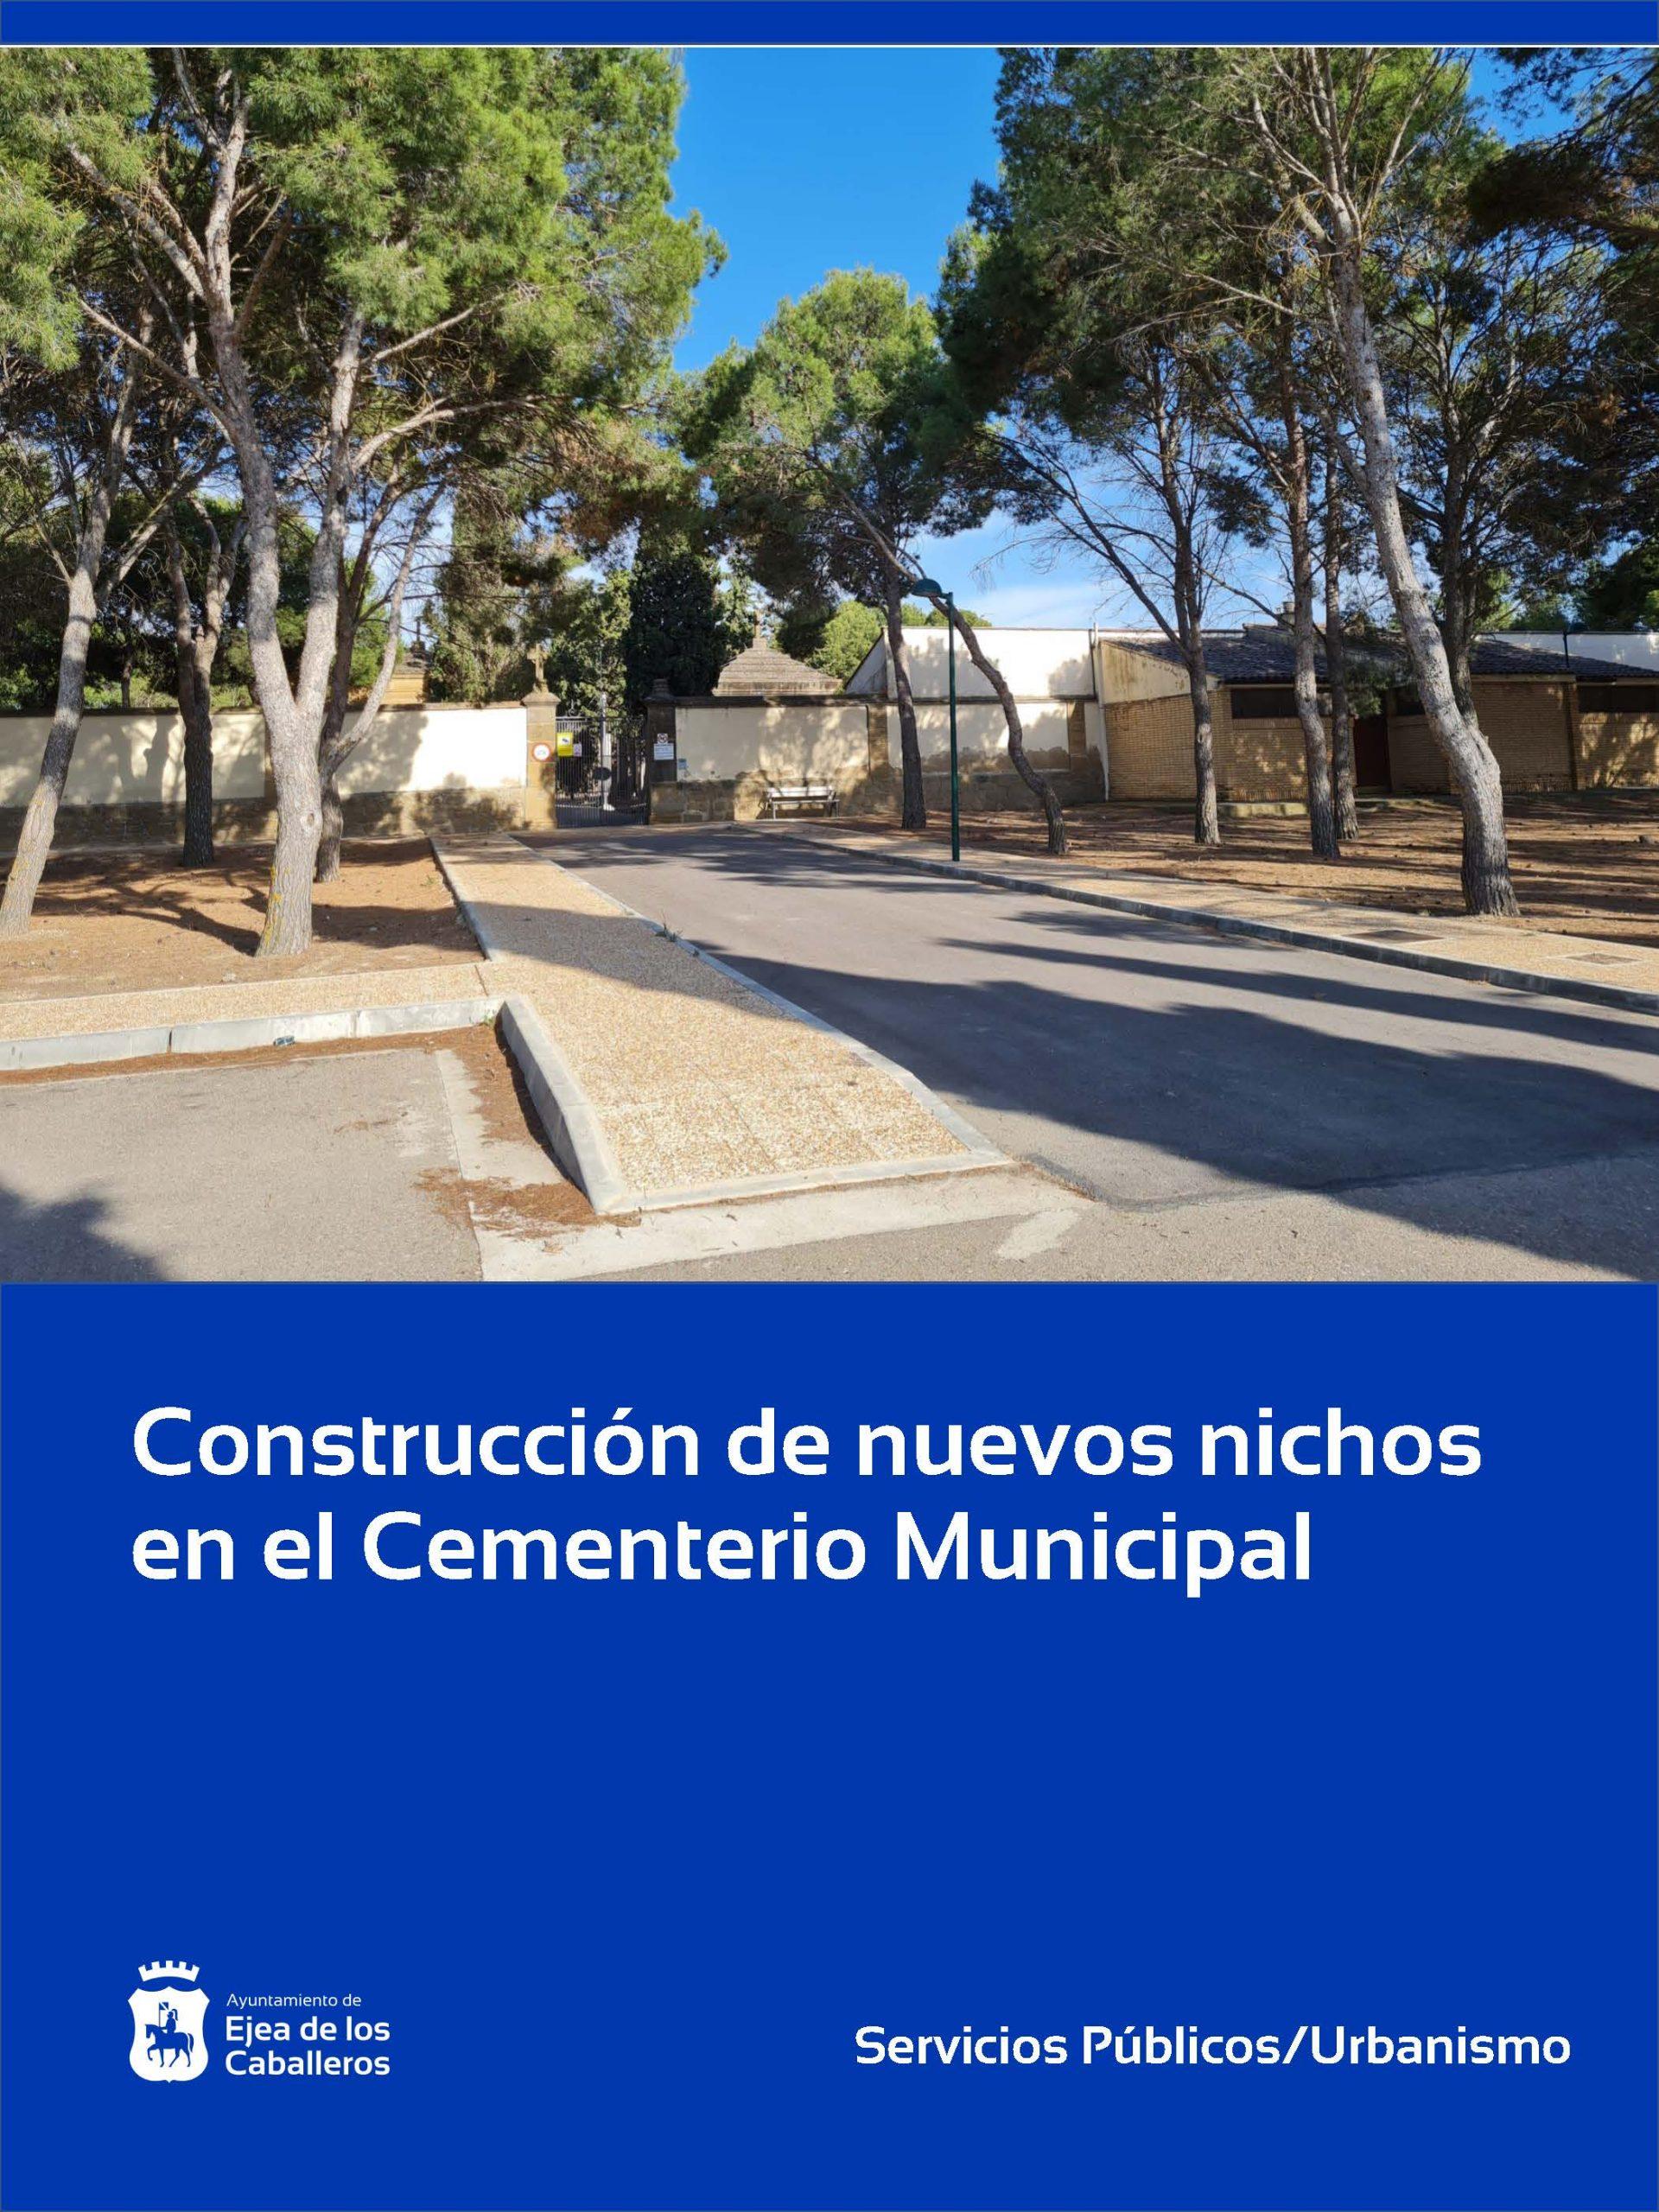 Construcción de nuevos nichos en el cementerio municipal de Ejea de los Caballeros